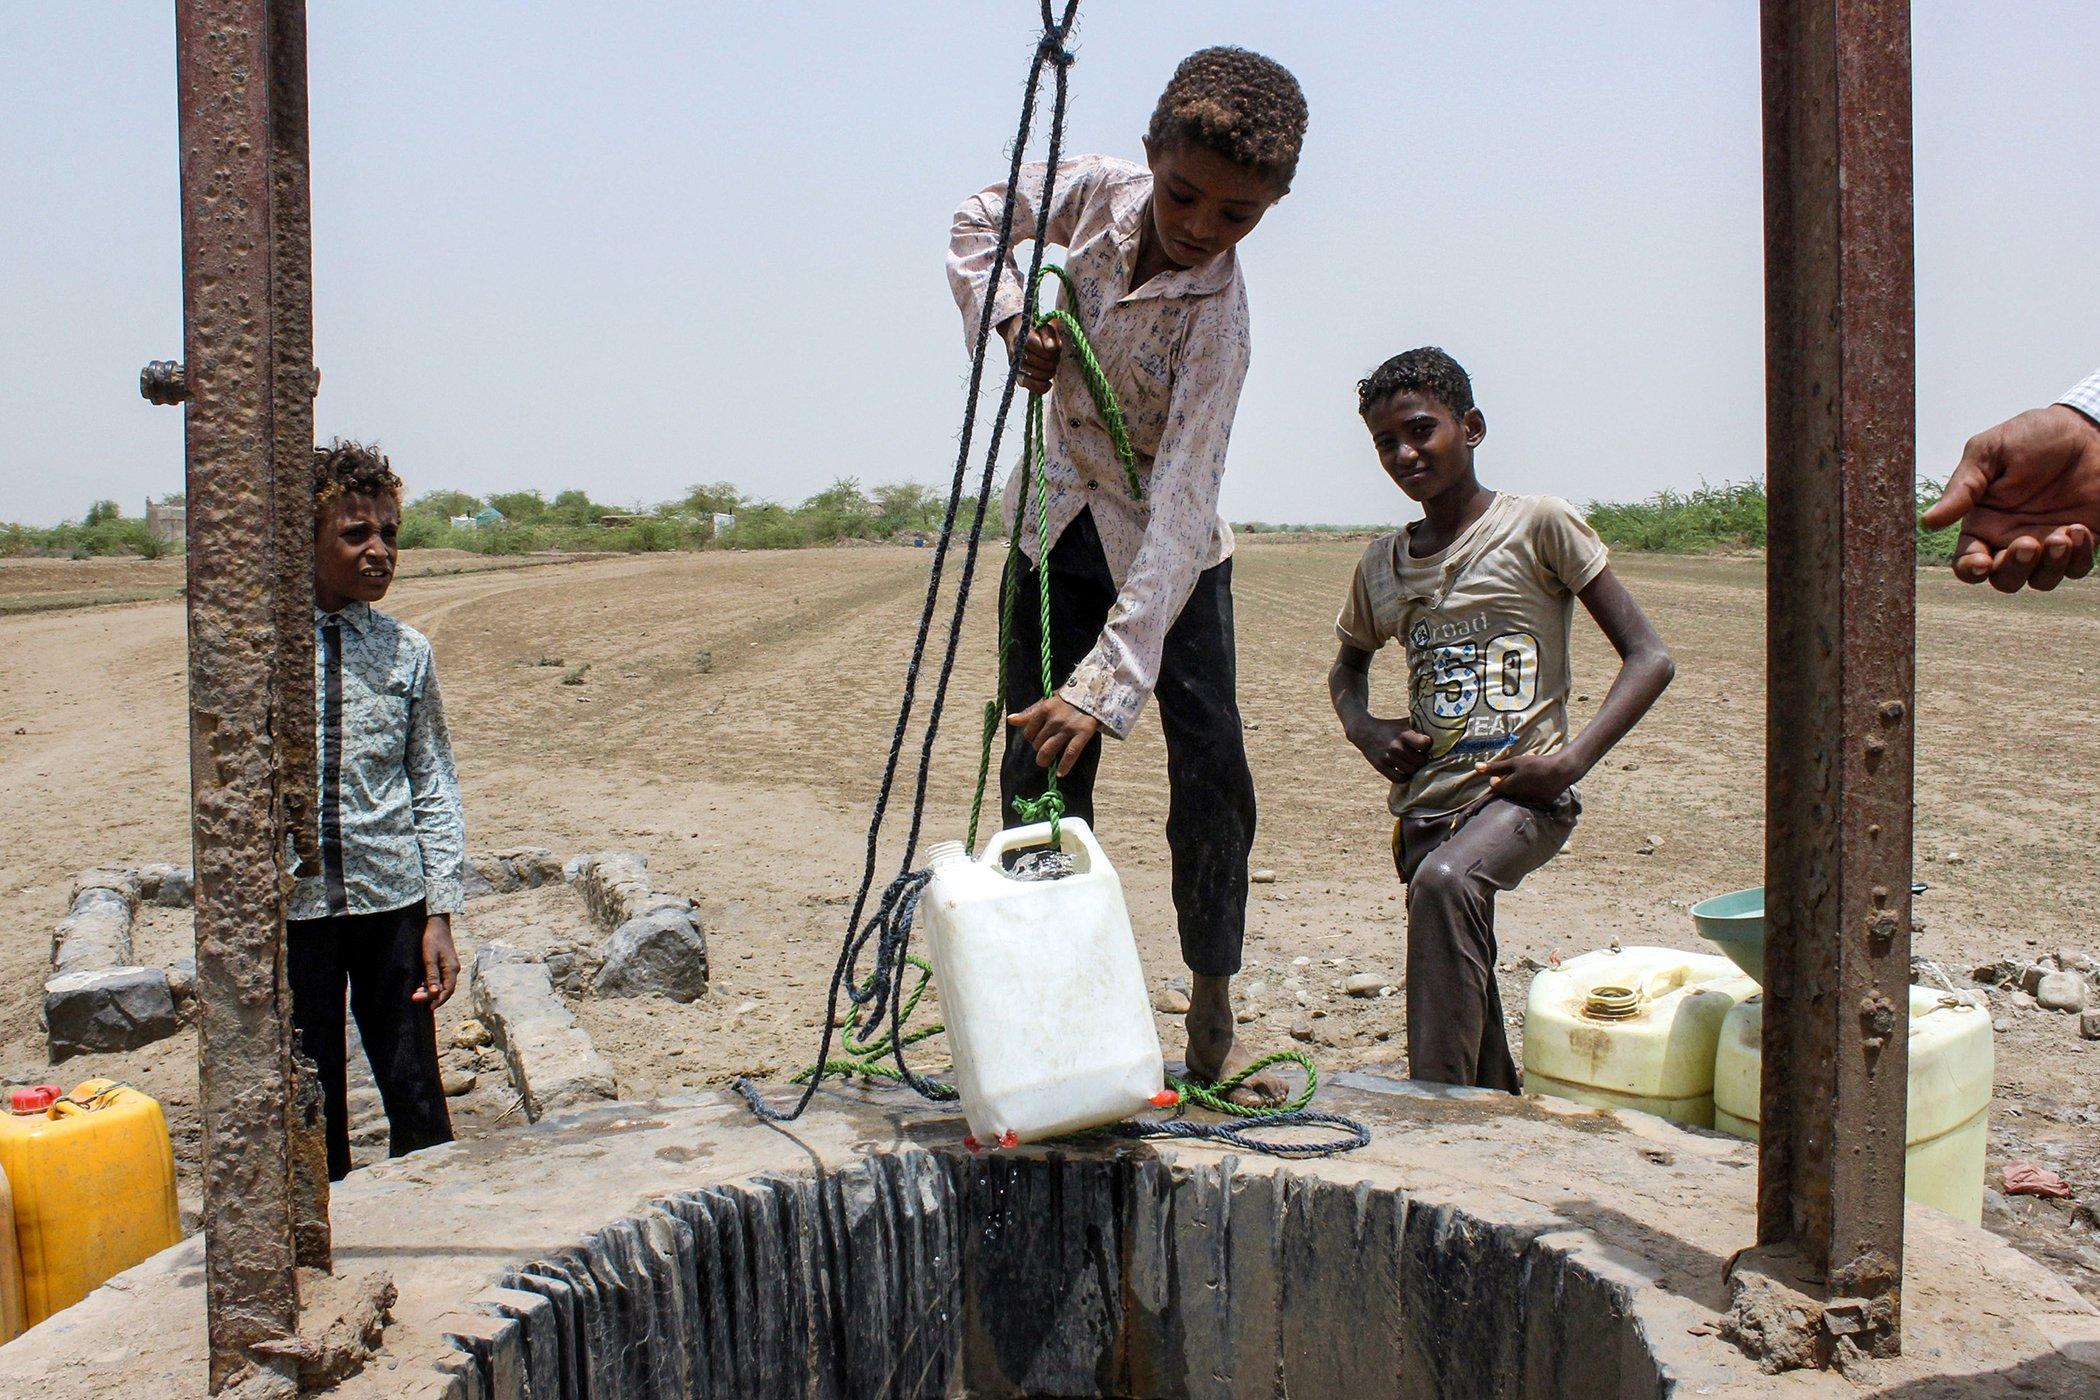 Yemen-Conflict-Crisis-Water.jpg